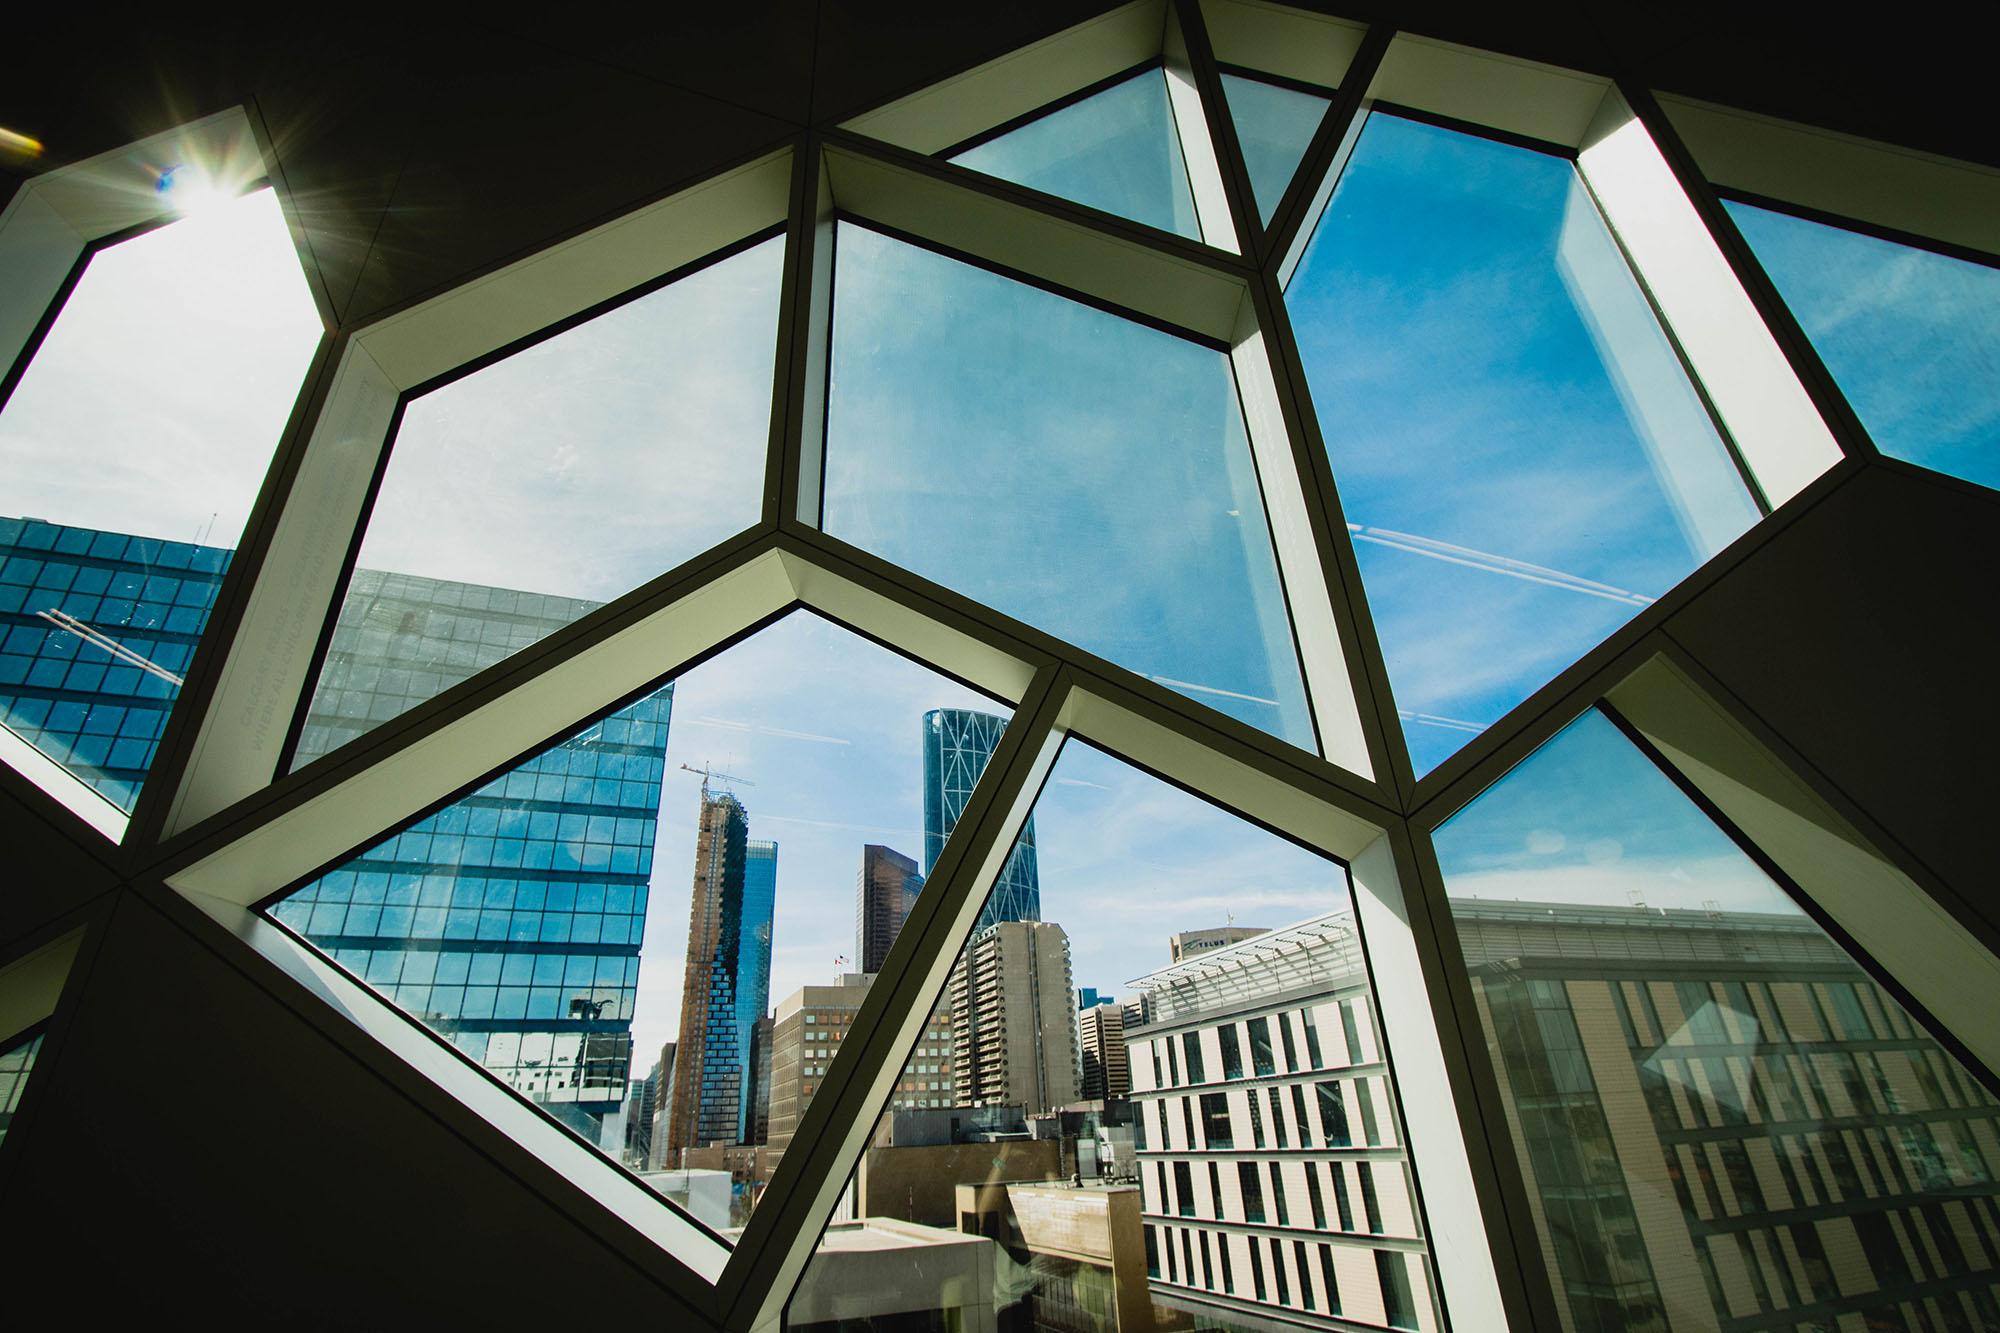 Calgary Public Library - Inside - Marie Naudon